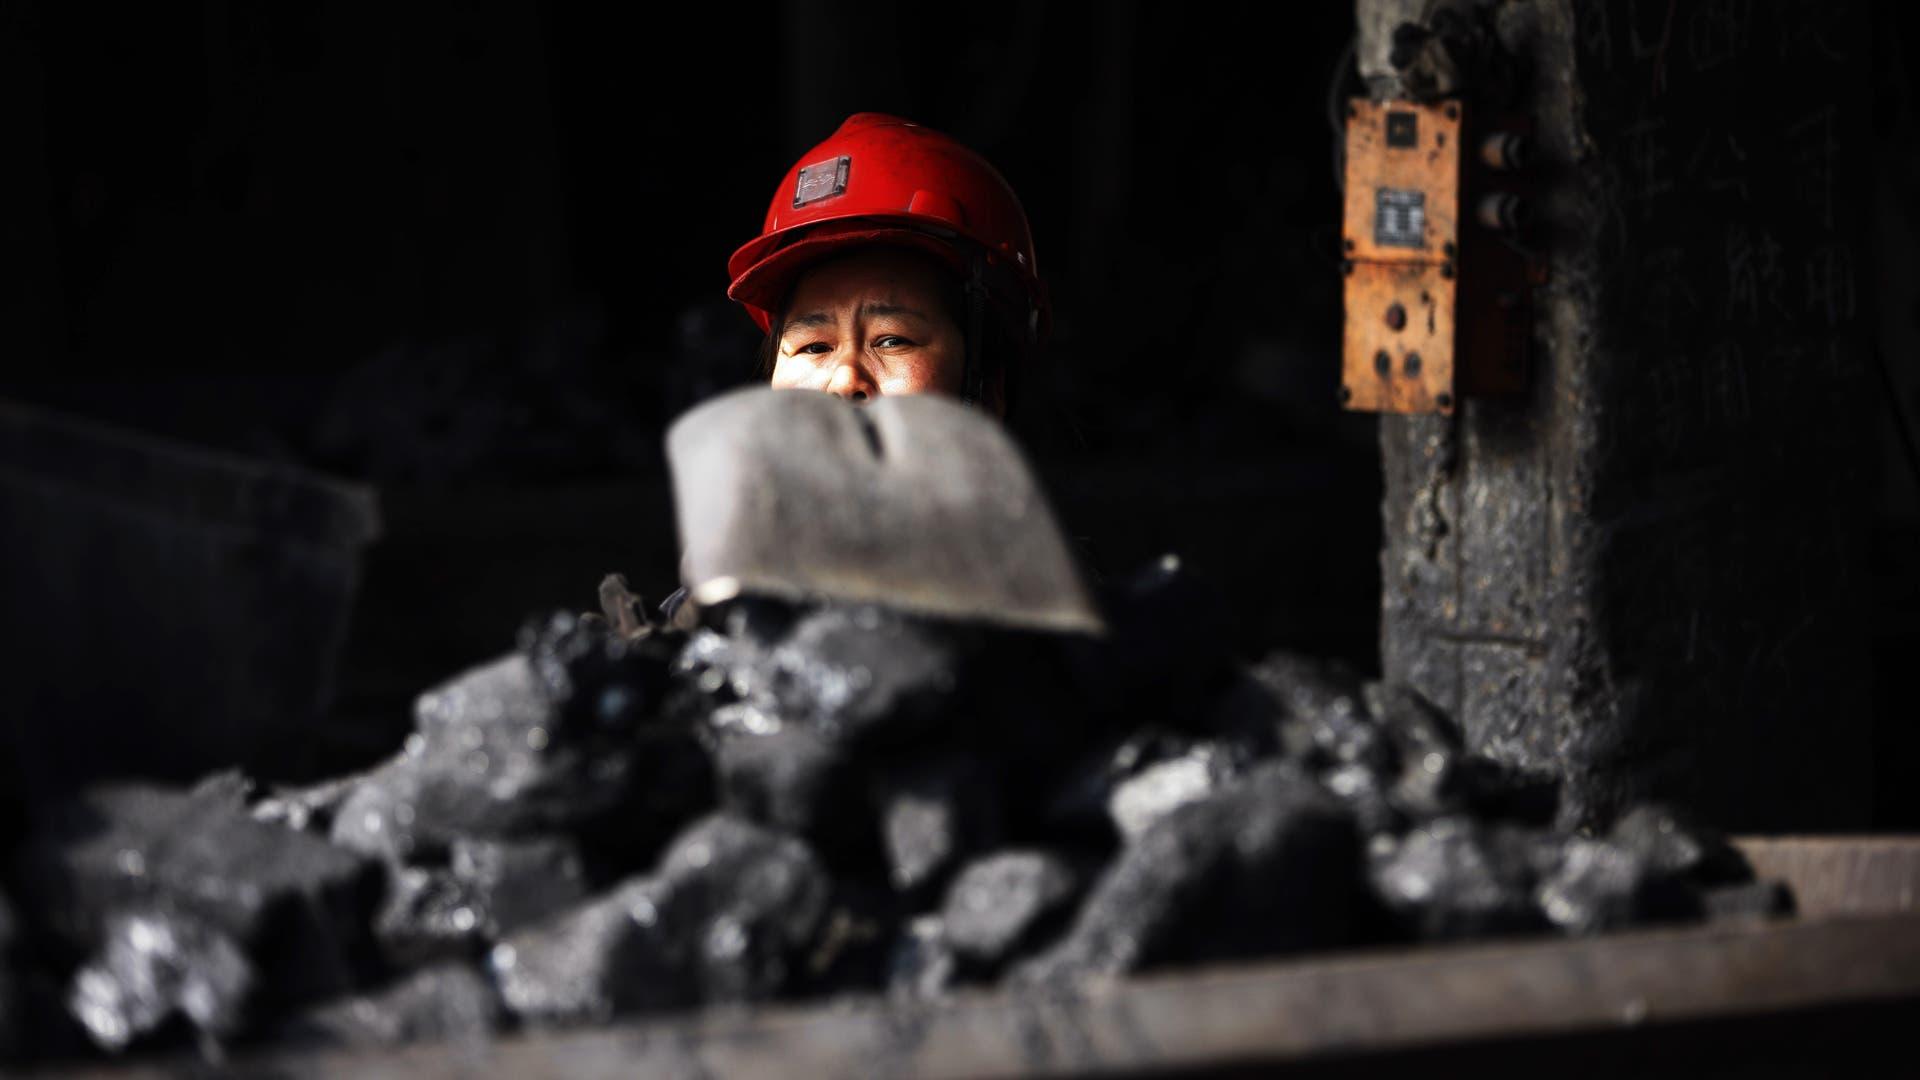 Ein chinesischer Arbeiter belädt einen Grubenwagen mit Kohle in einem Kohlebergwerk in der Stadt Huaibei in der ostchinesischen Provinz Anhui (Archiv).